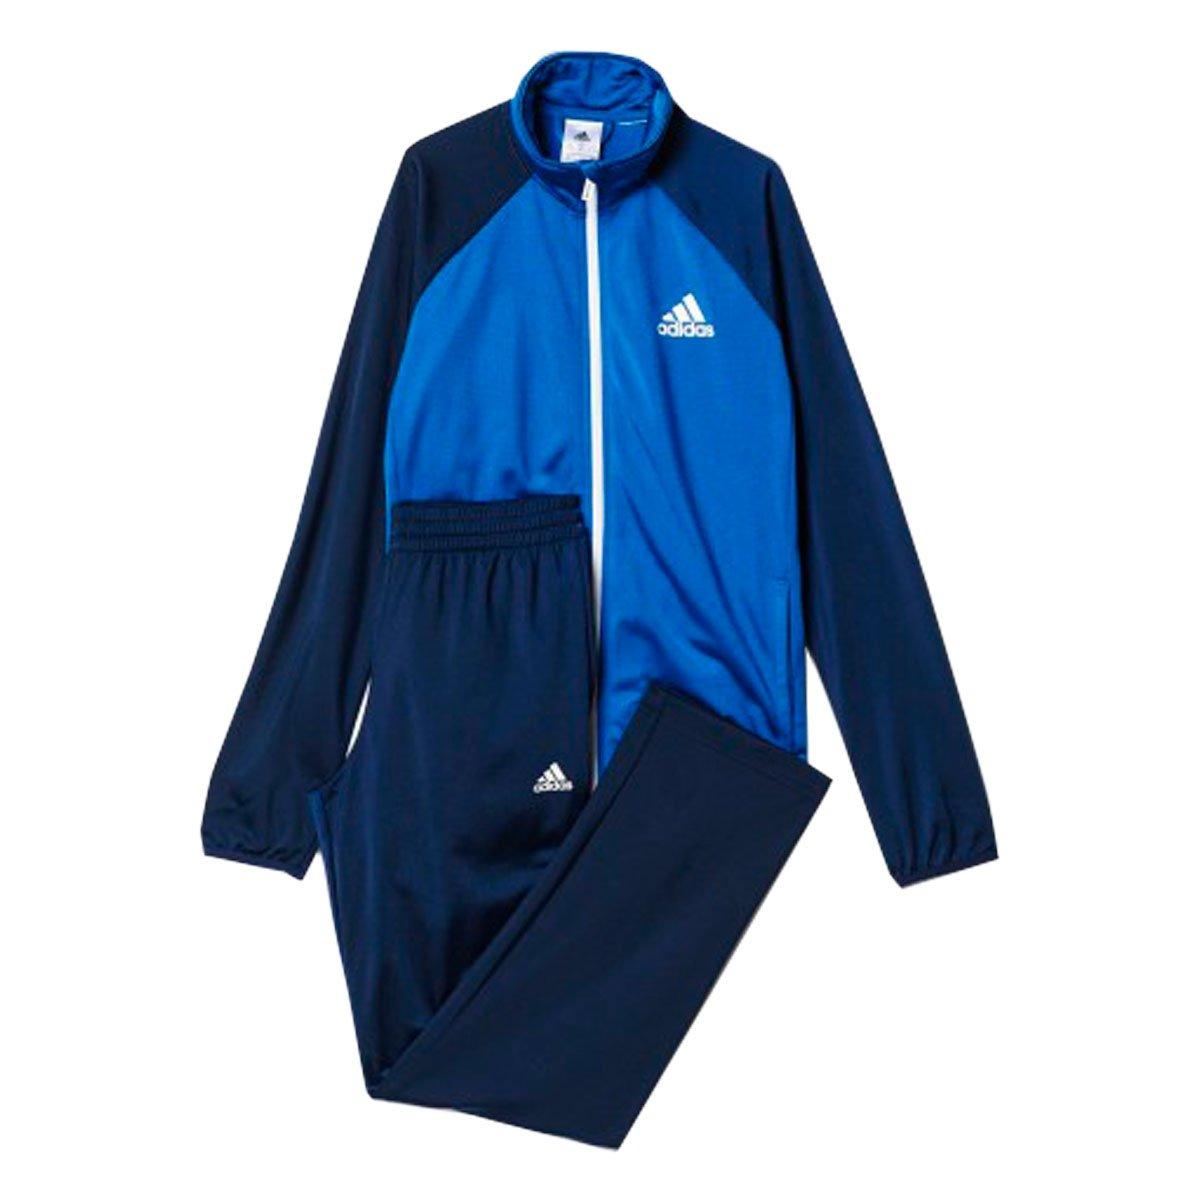 a54e0e4d7e Bizz Store - Agasalho Infantil Juvenil Adidas YB TS Entry Oh